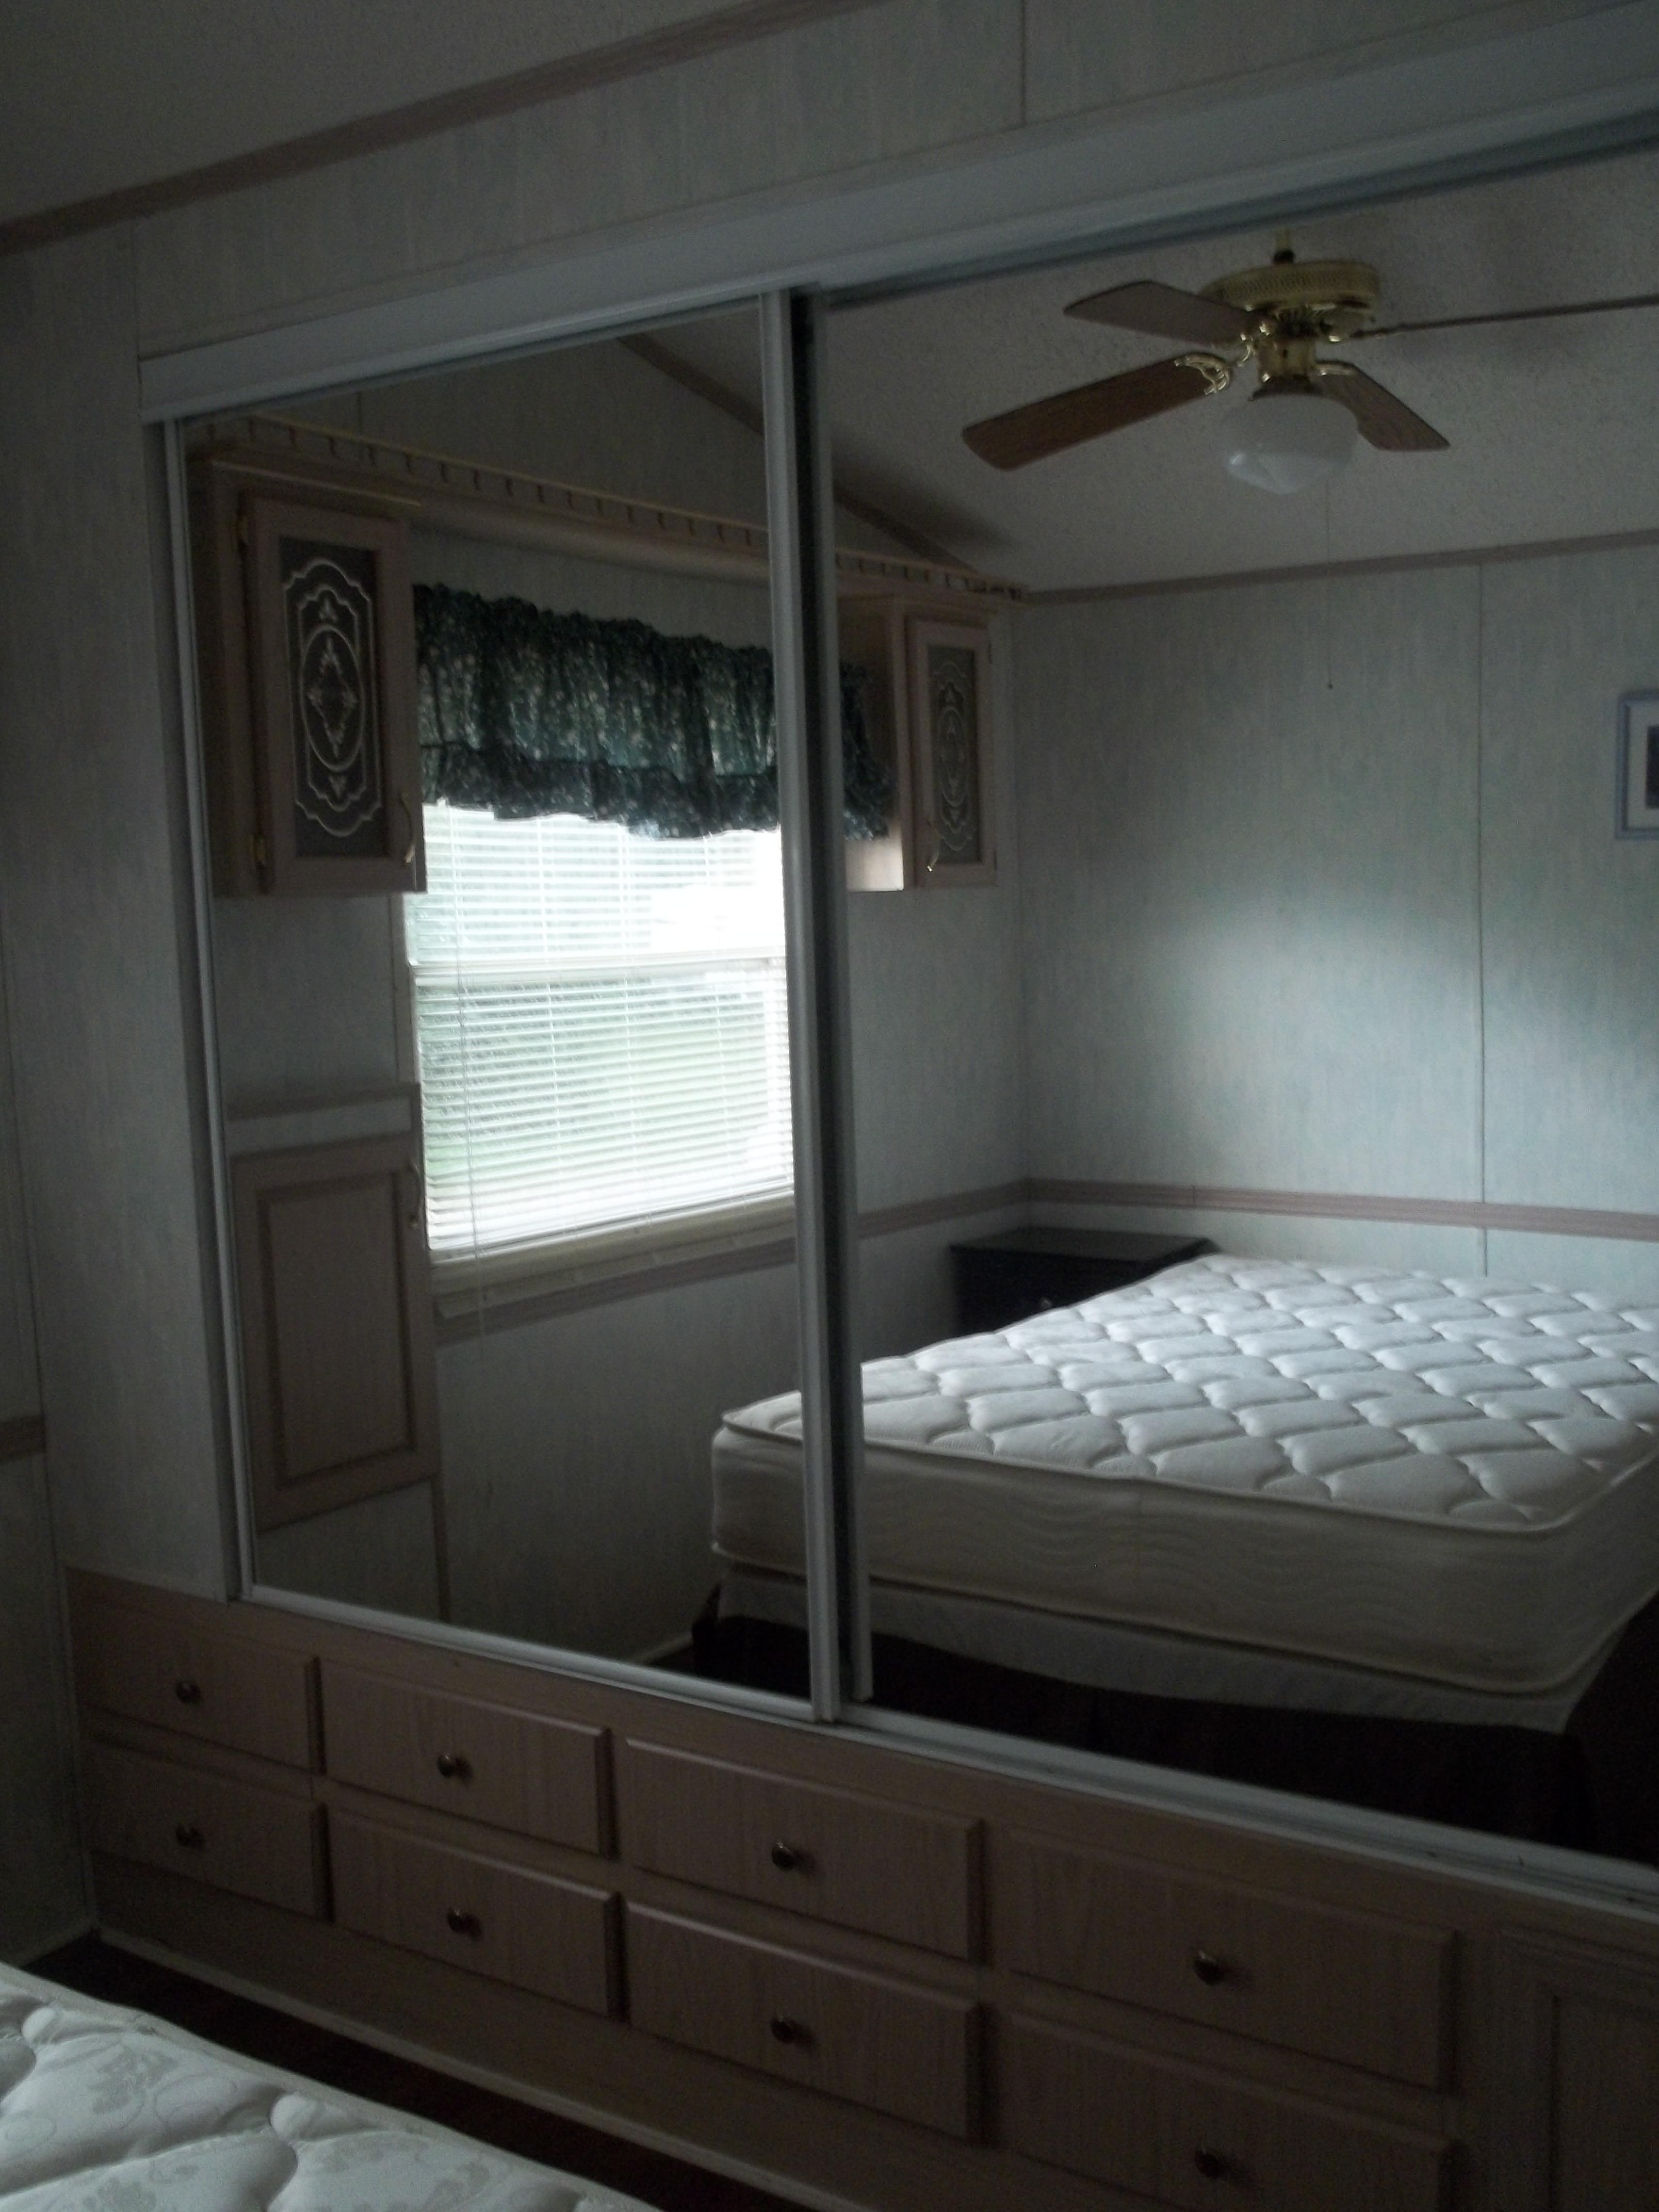 P2bedroom